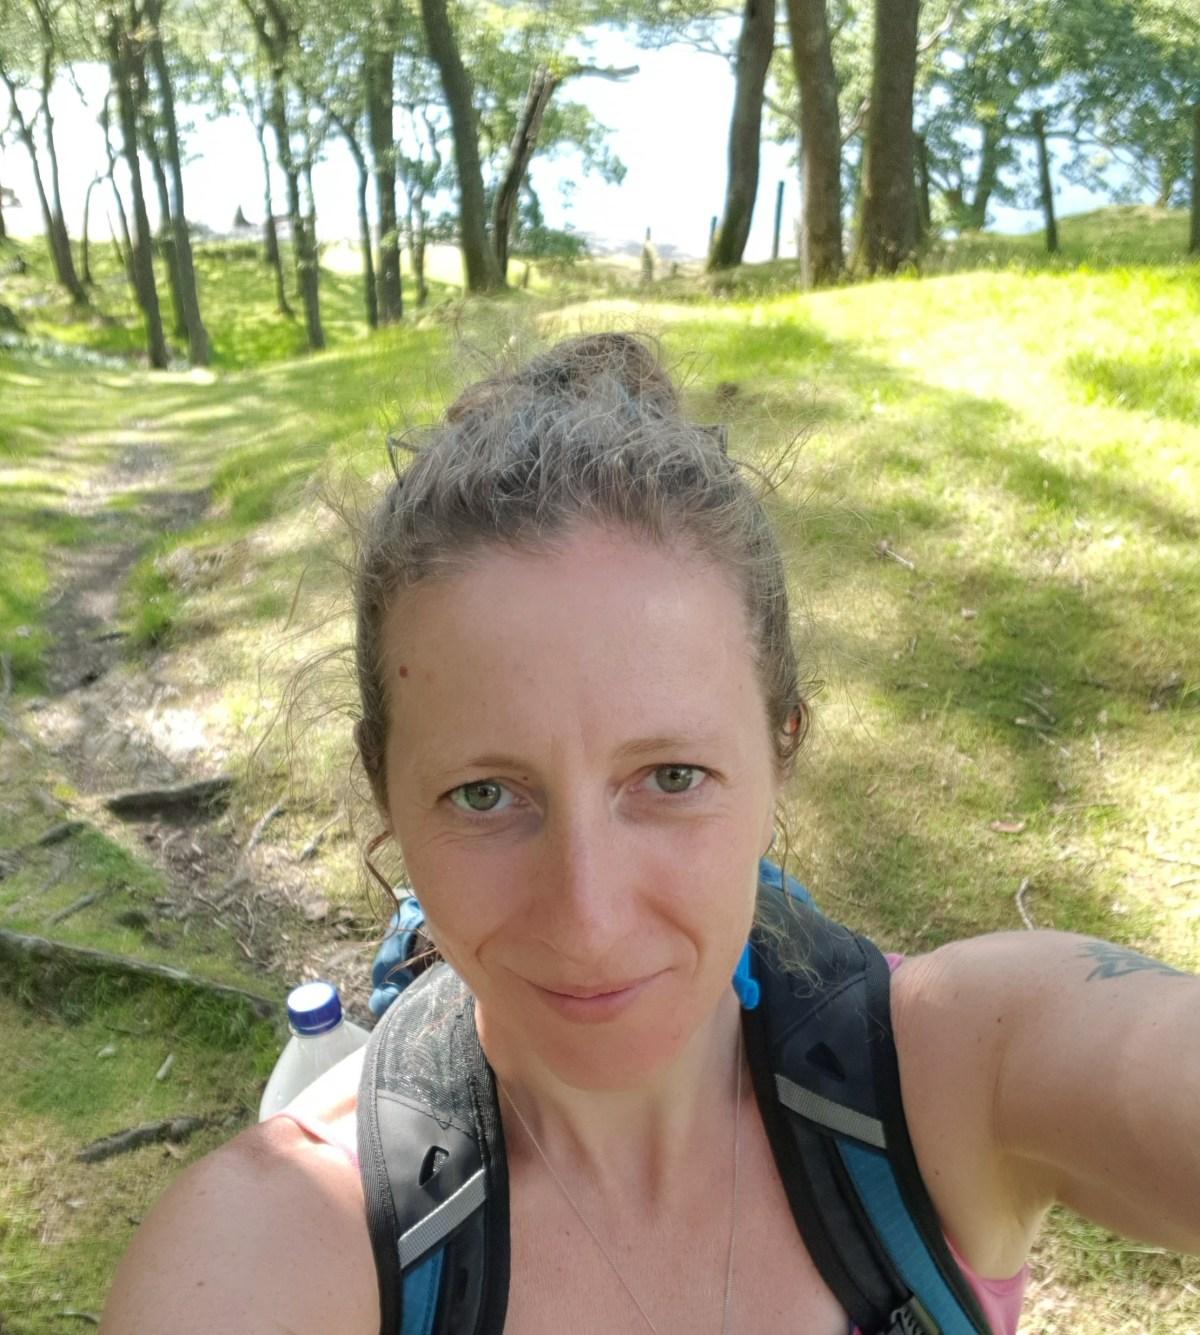 Rachel walking in the woods by a lake